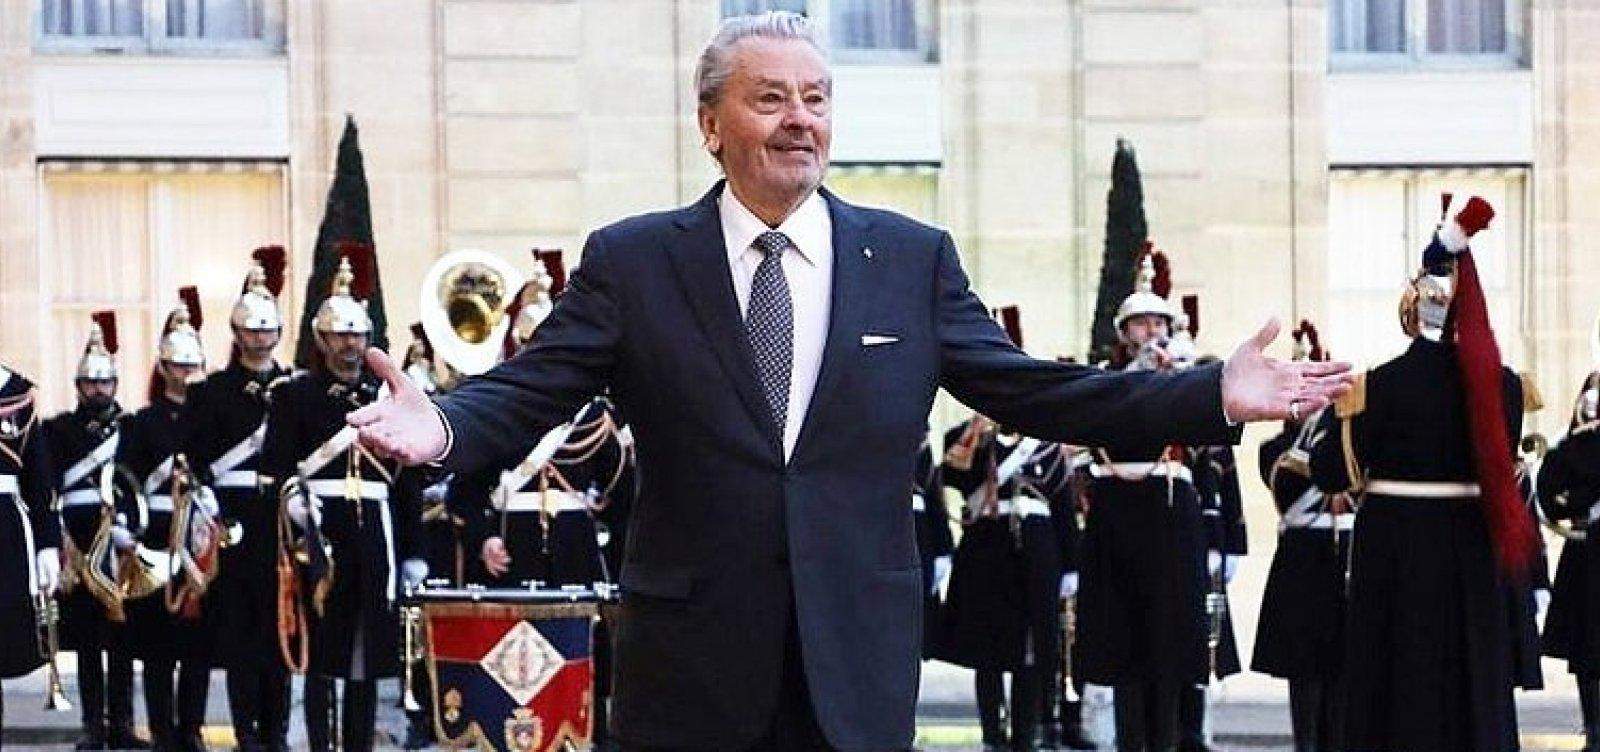 [Alain Delon é alvo de protestos em Cannes, após dizer que já estapeou mulheres]